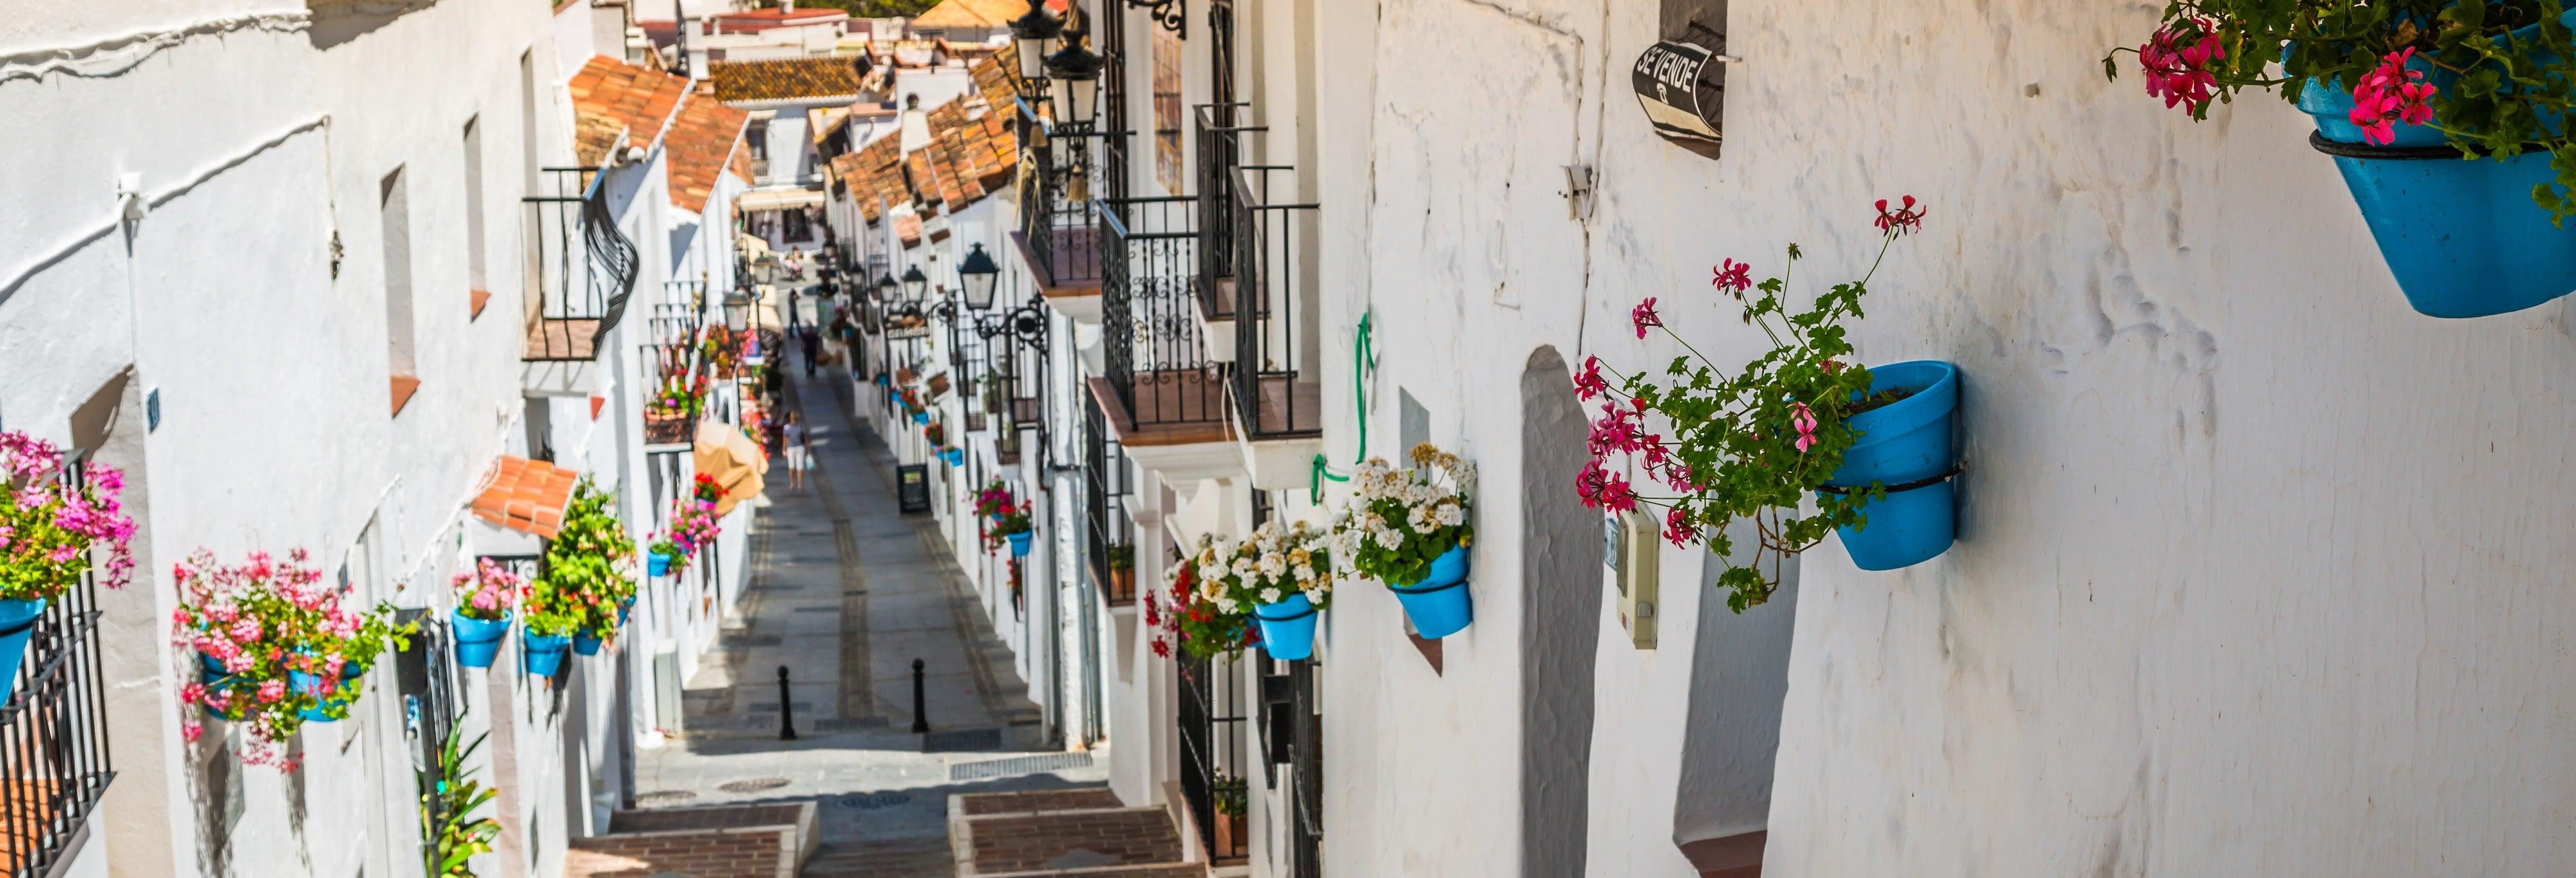 Excursão a Marbella e Mijas